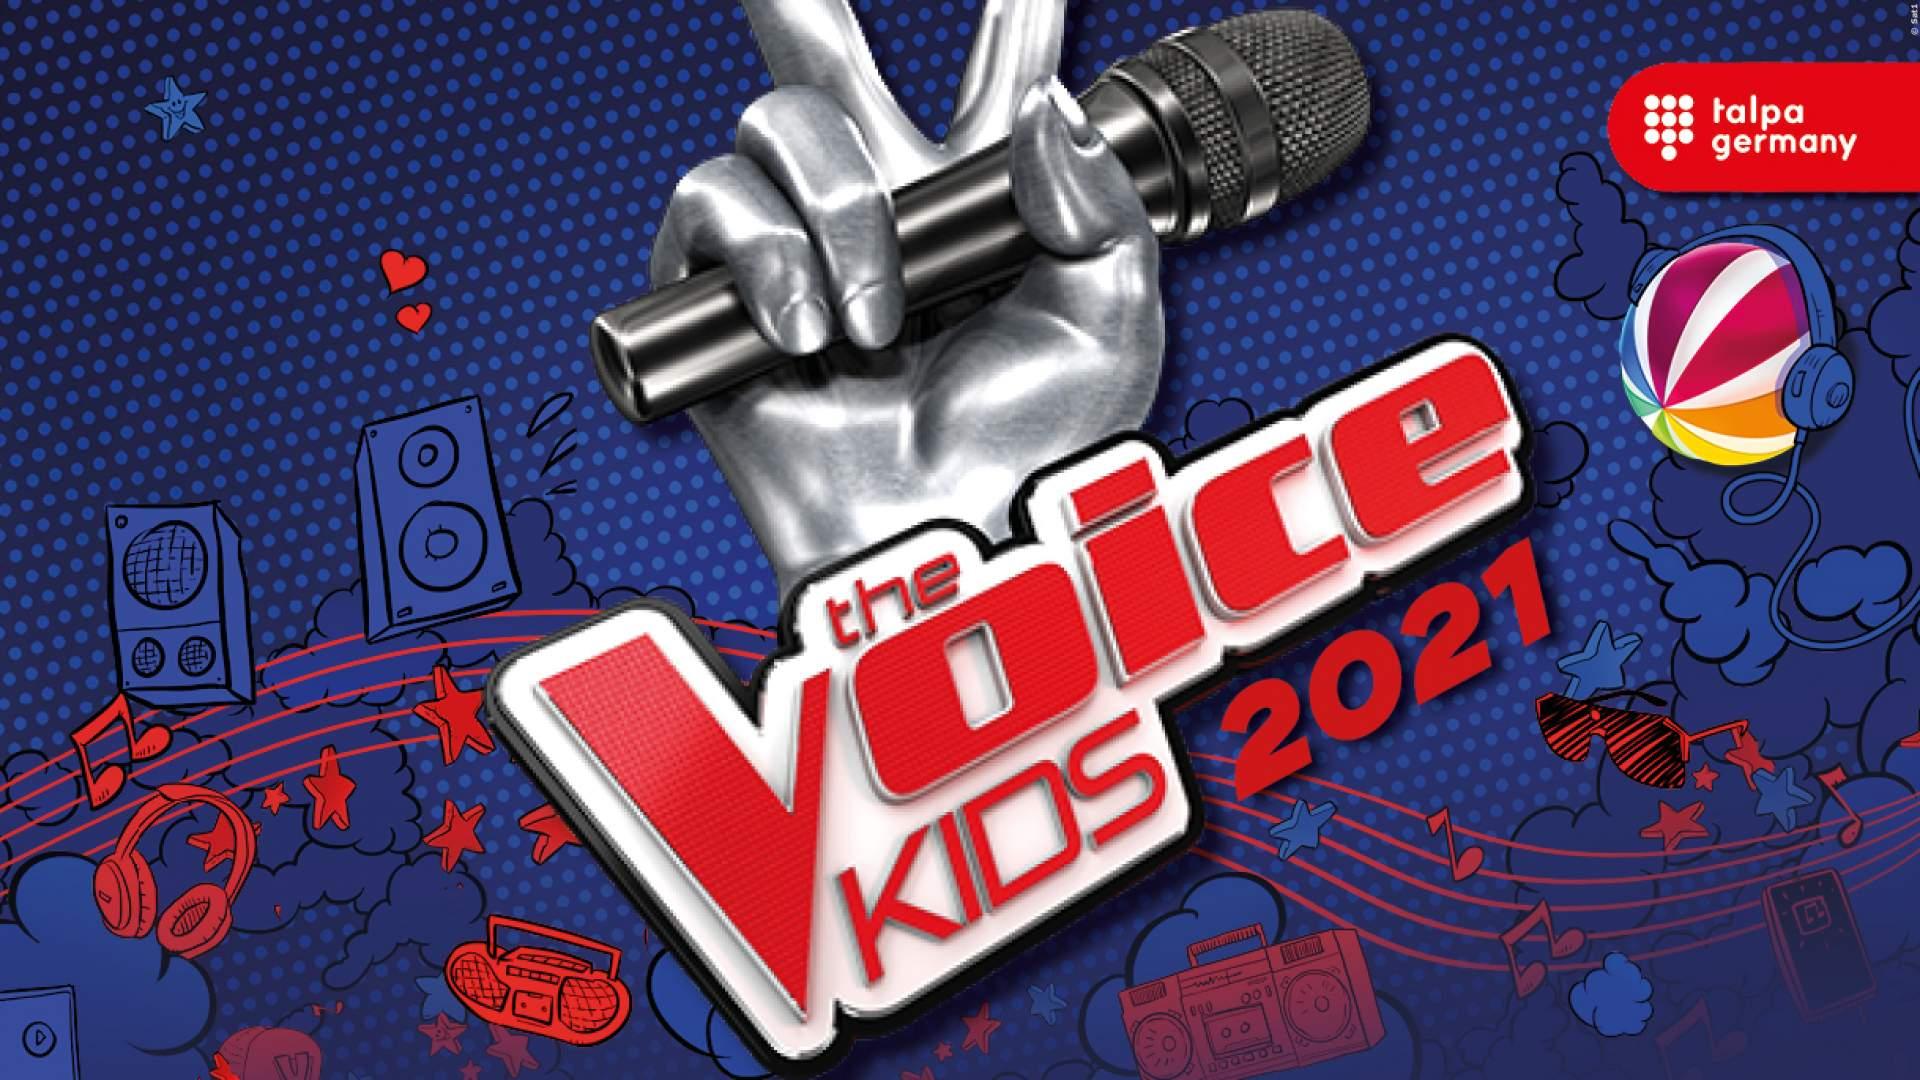 The Voice Kıds 2021 Deutschland